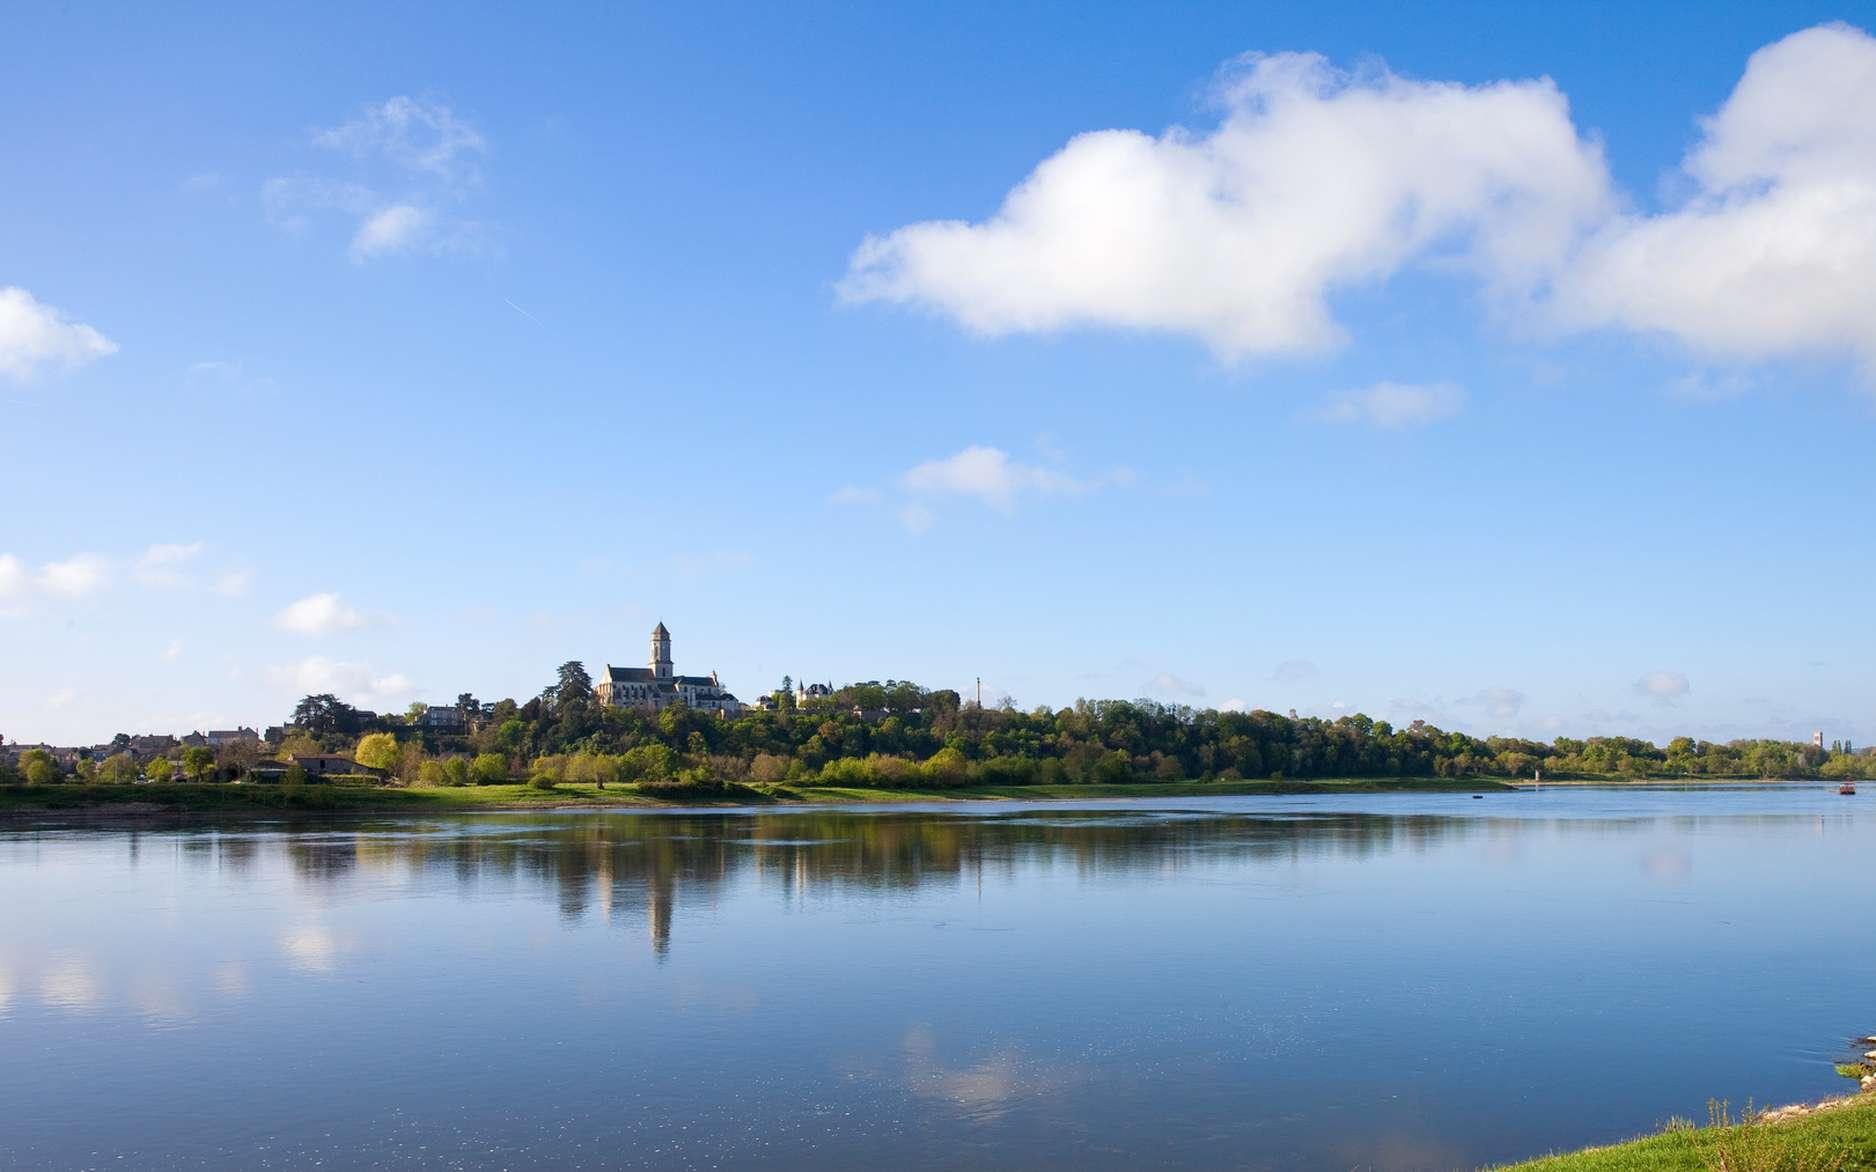 Dans la chaleur de l'été et avec un courant faible, les algues prolifèrent sur la Loire, dont des cyanobactéries toxiques. Des chiens sont morts d'avoir bu son eau. © Thierry Ryo, Fotolia